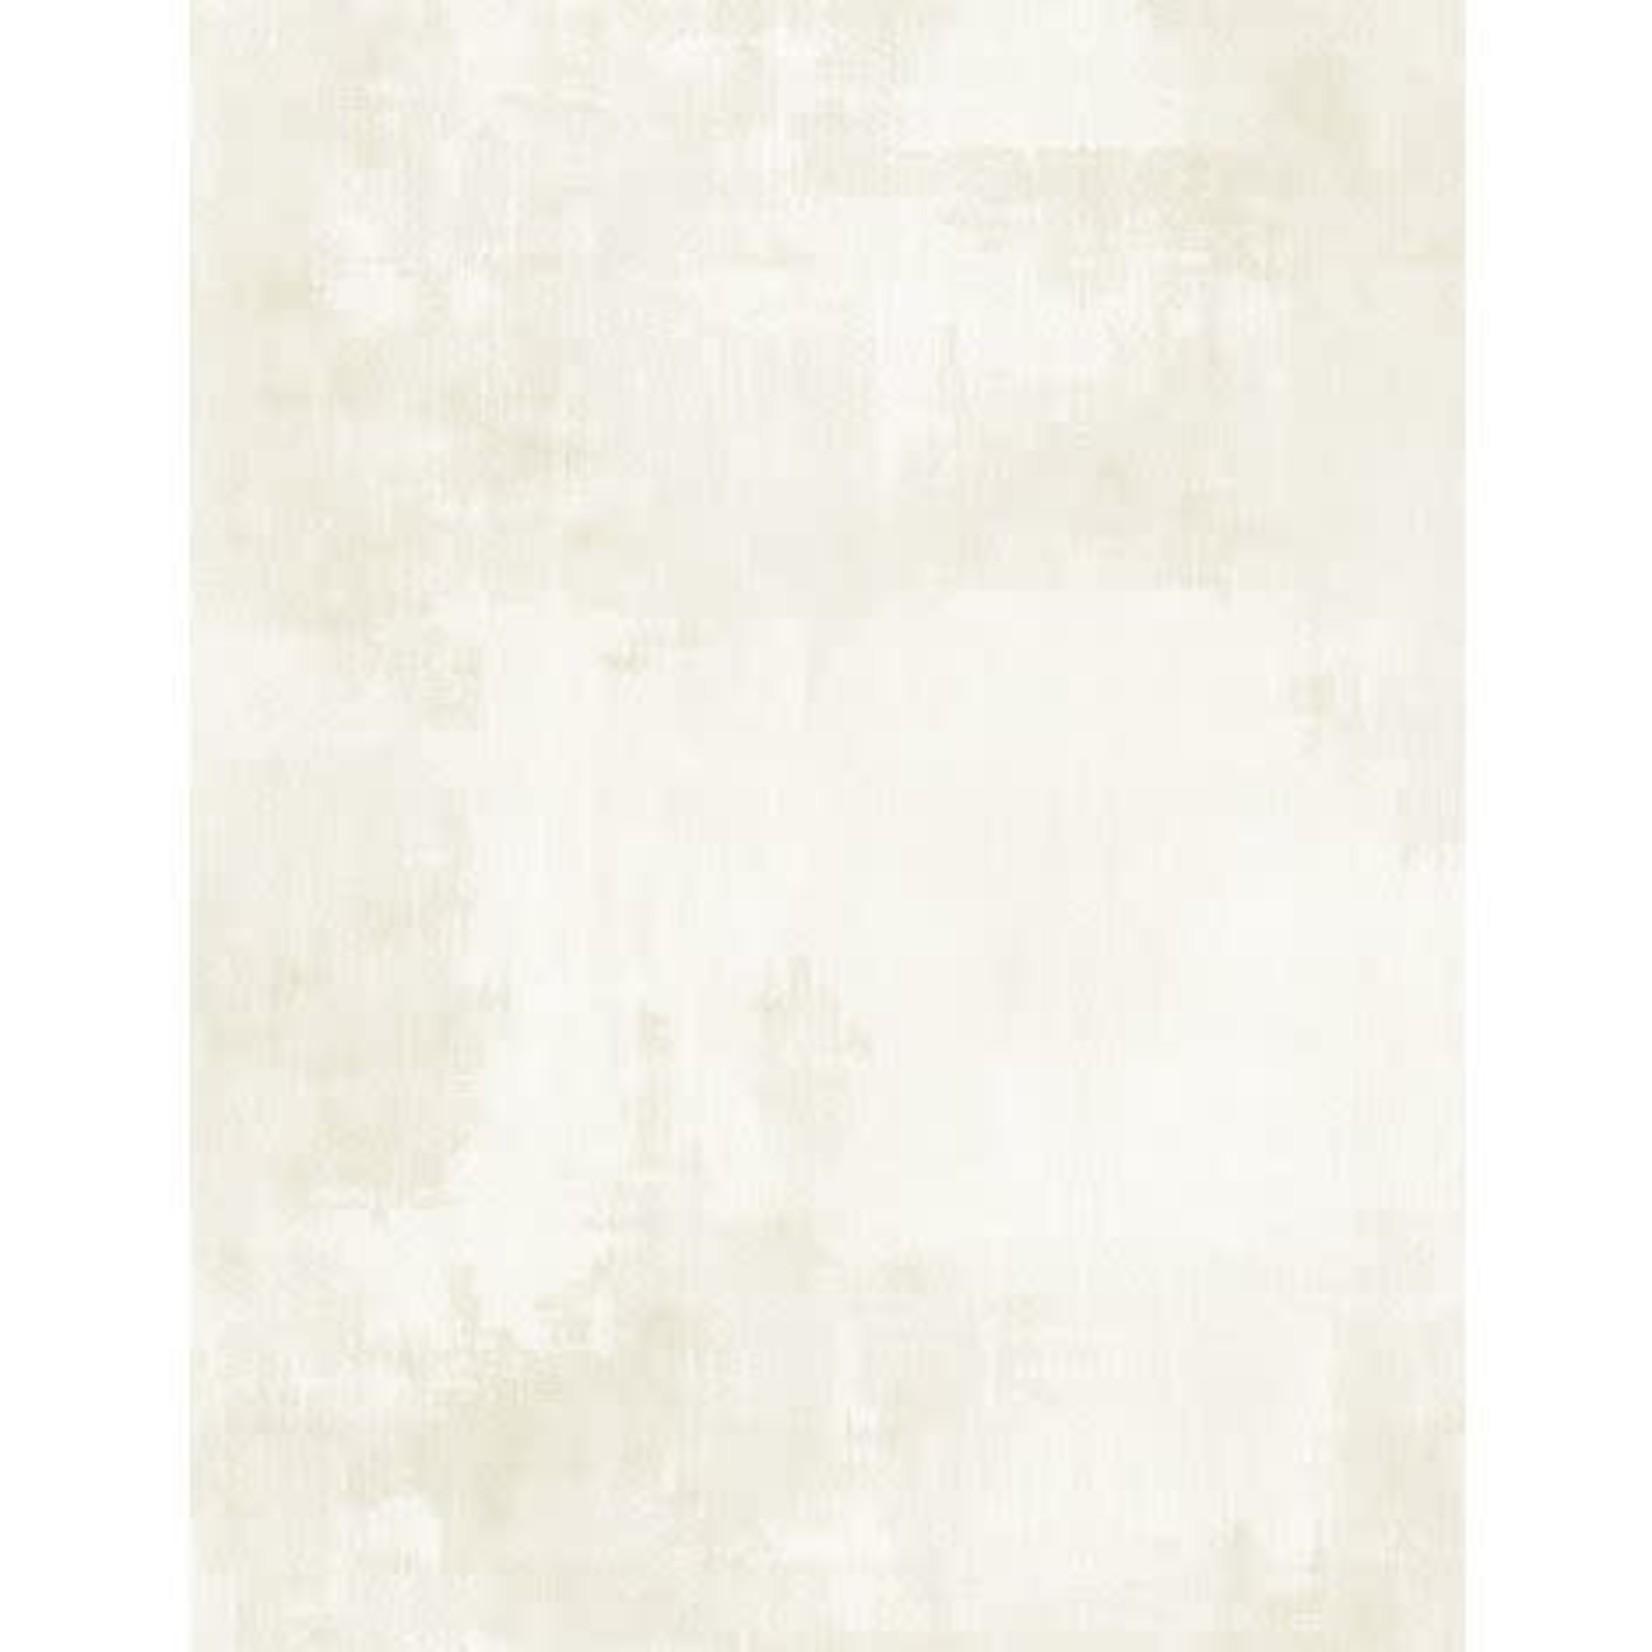 Wilmington Prints Essentials Flannel, Cream - Per Cm or $20/m